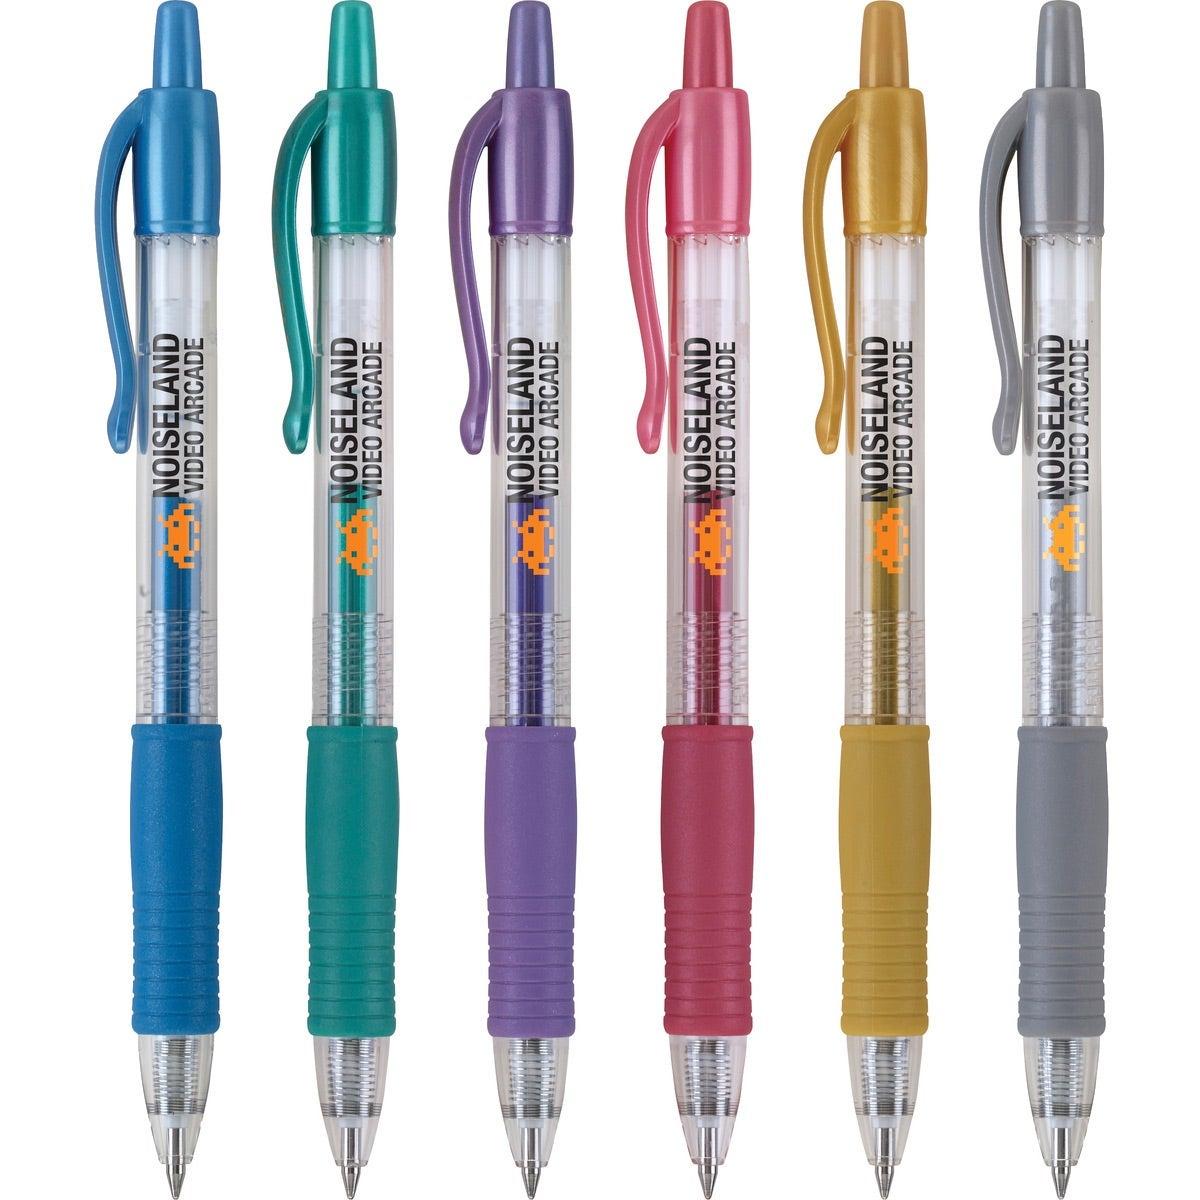 G2 Metallics Gel Ink Pen